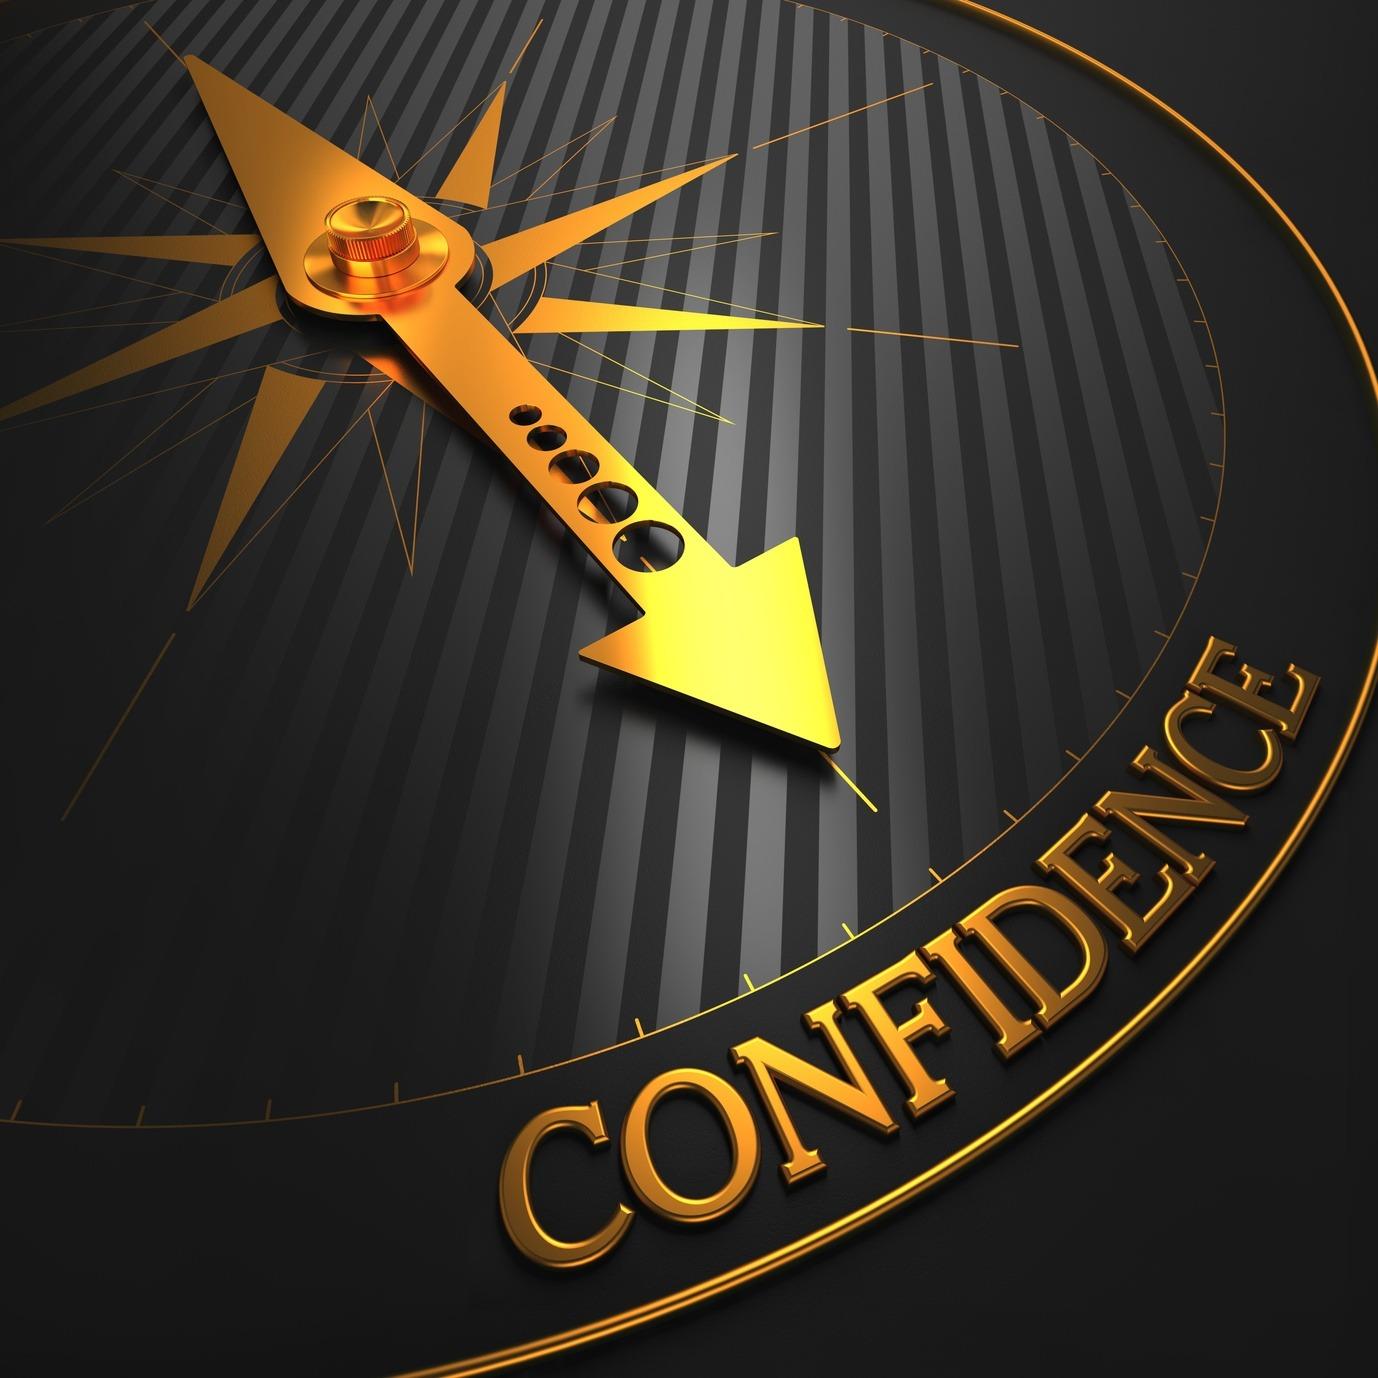 ما هو مؤشر ثقة المستهلك؟